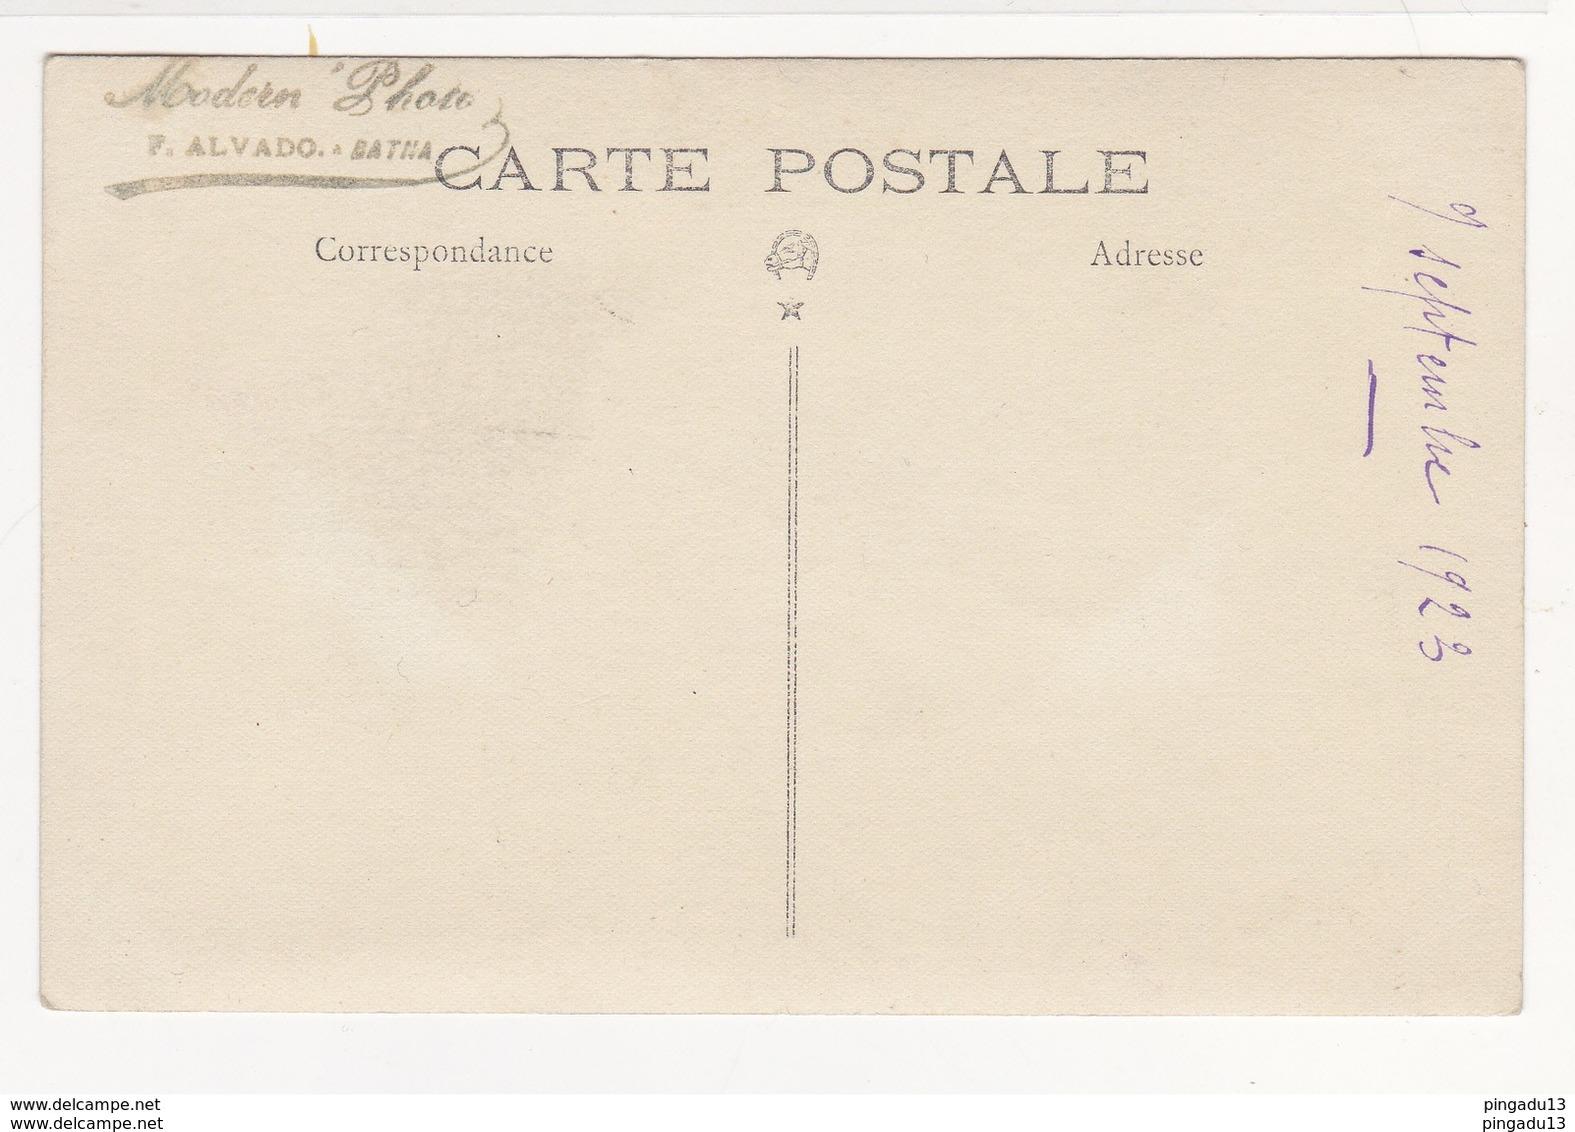 Au Plus Rapide Carte Photo Zouave Photographe F Alvado Batna 9 Septembre 1923 Très Bon état - Regiments